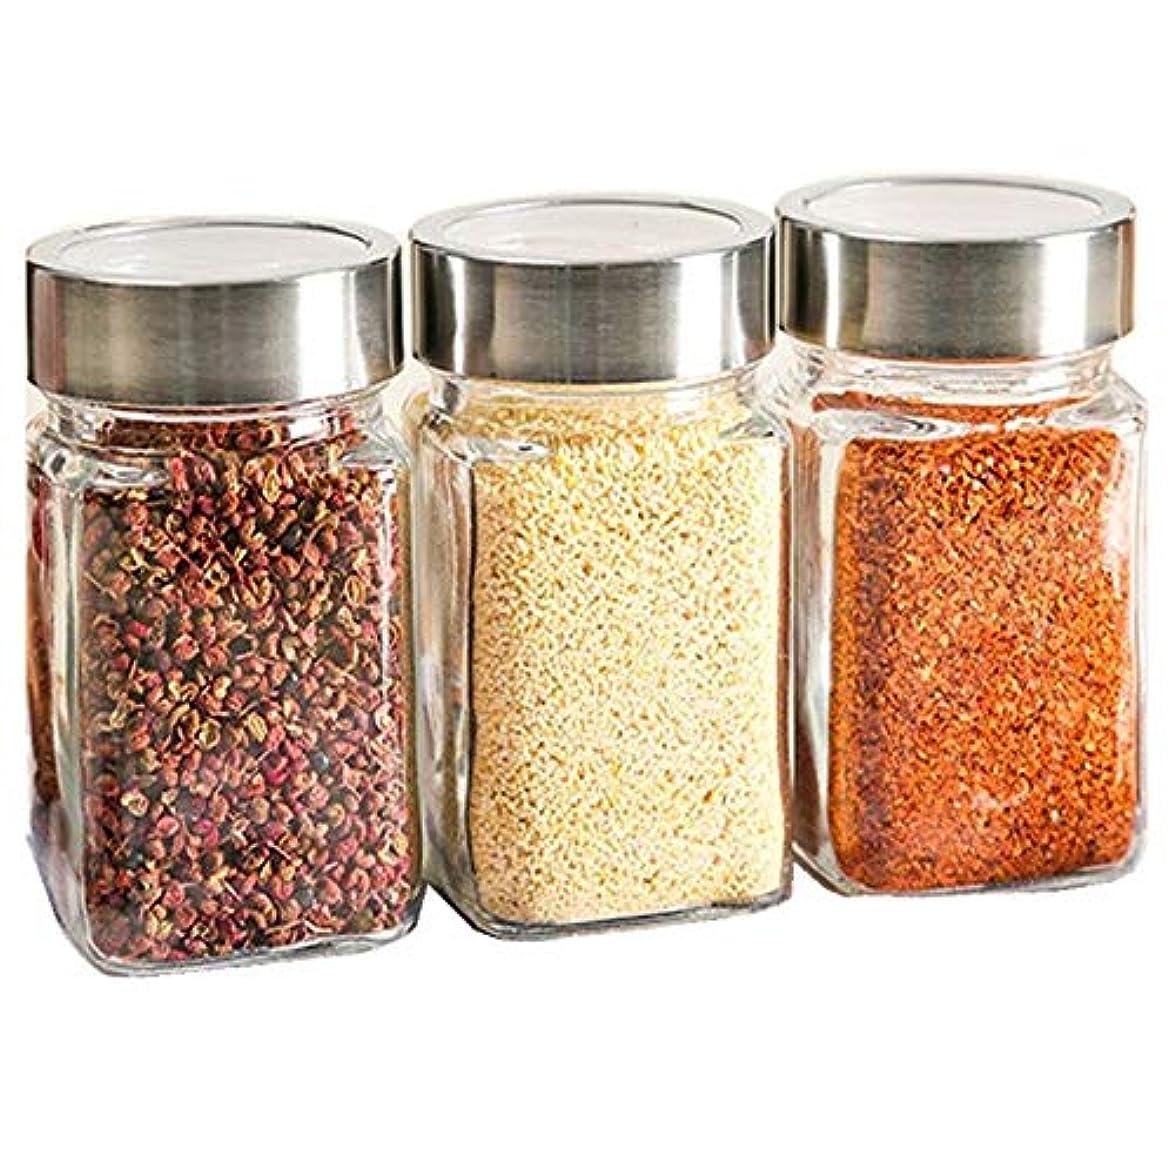 モルヒネラテンシード貯蔵瓶麦藁多目的貯蔵タンク台所用品